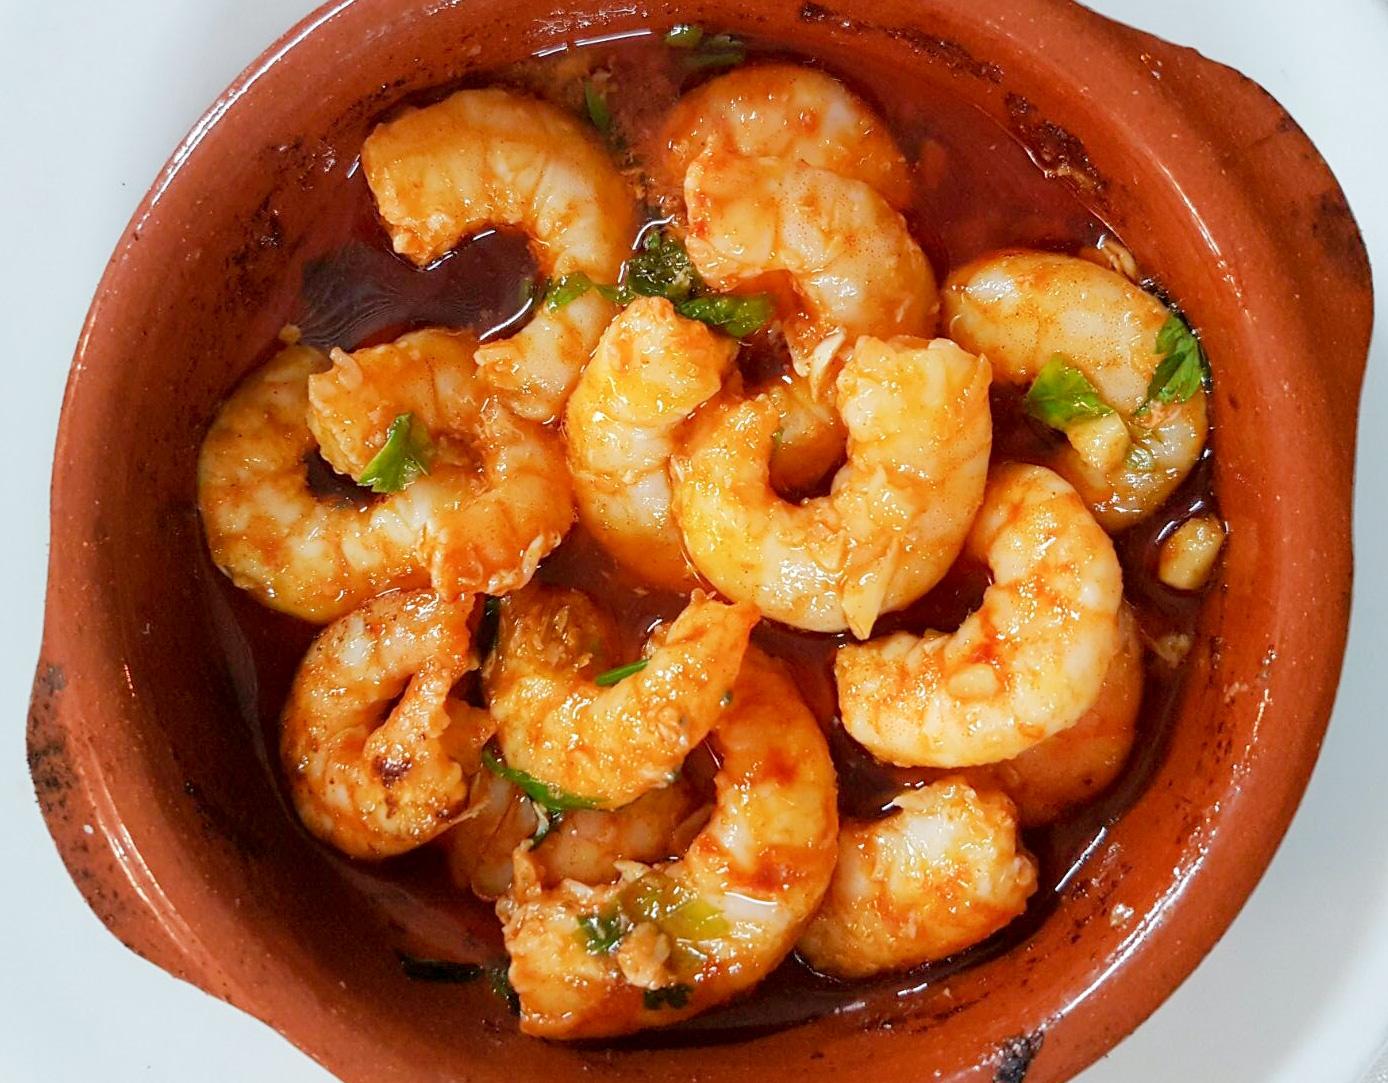 14 spanische Gerichte, die du probiert haben musst! - comewithus2